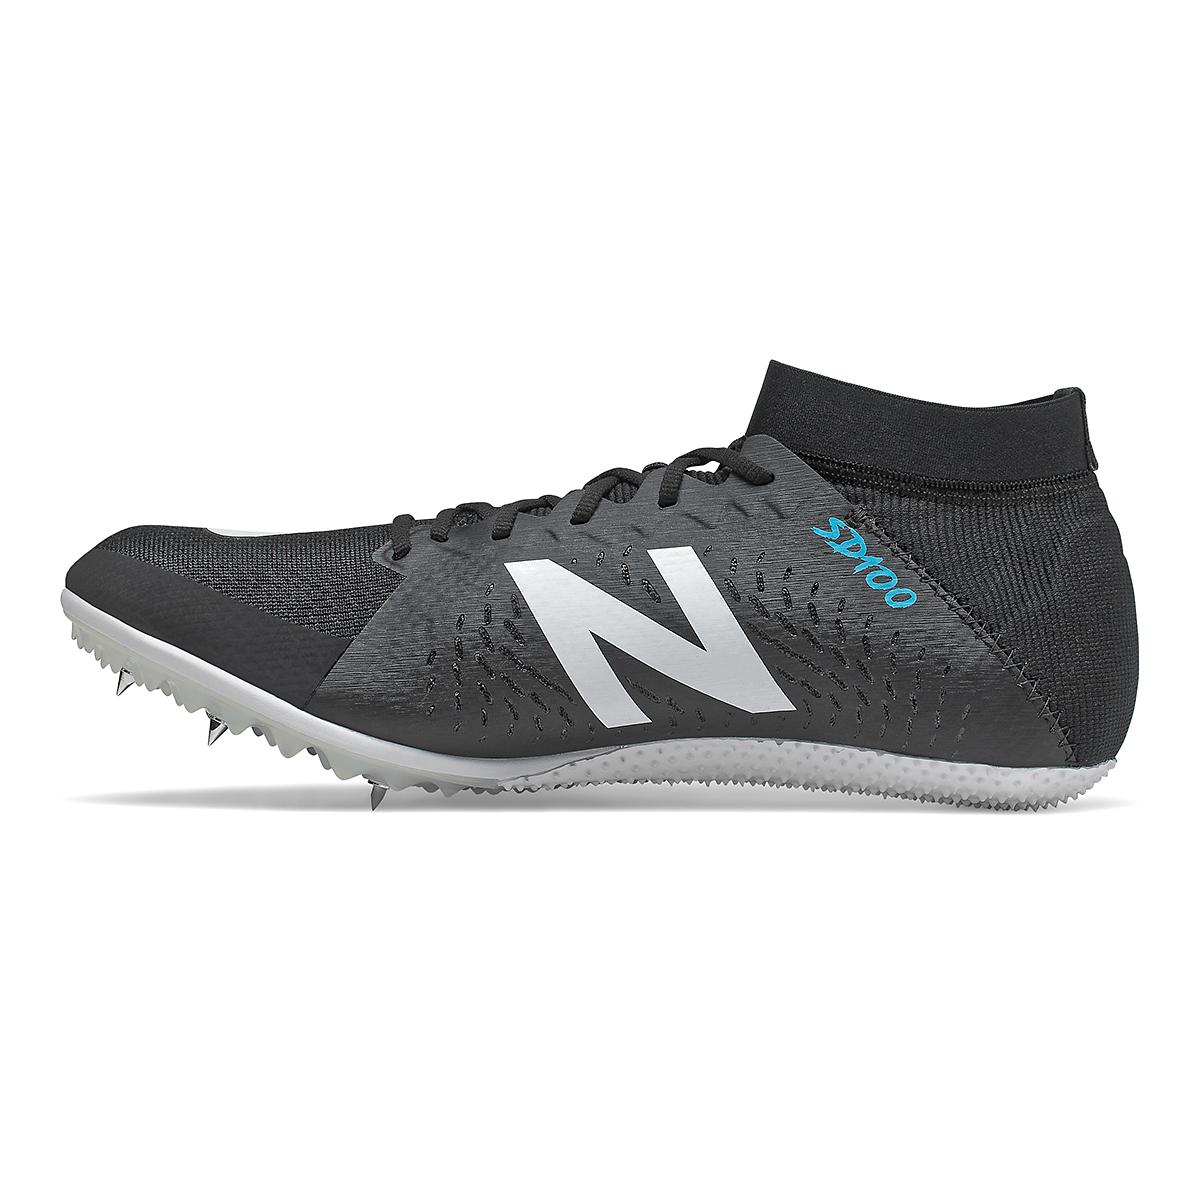 Men's New Balance SD100v3 Track Spikes - Color: Black/White - Size: 4.5 - Width: Regular, Black/White, large, image 2